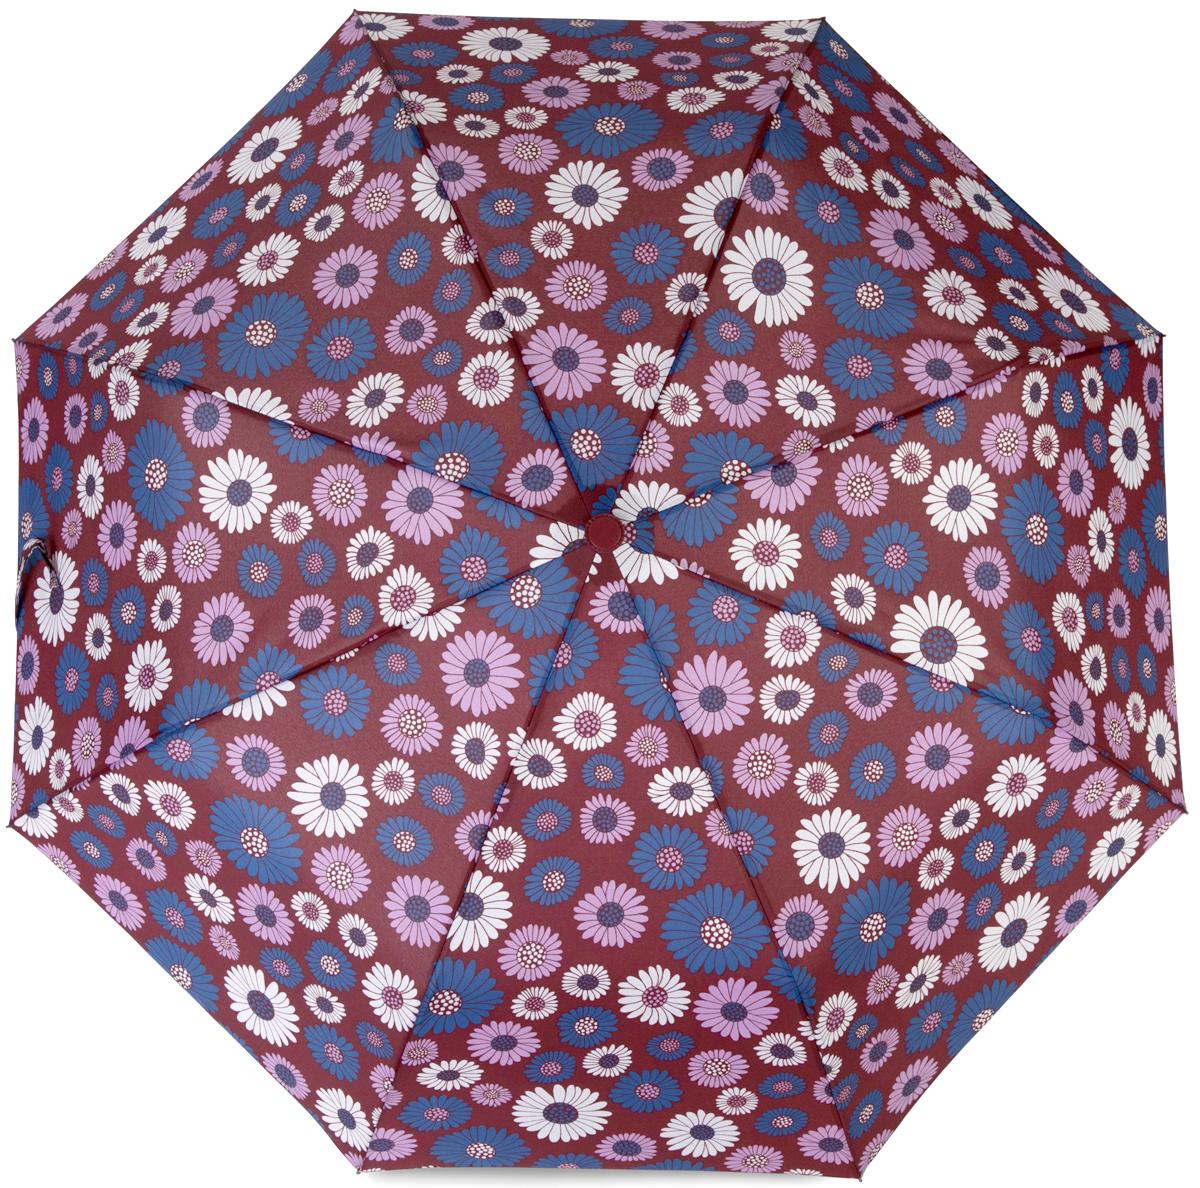 Зонт женский Baudet, полуавтомат, 3 сложения, цвет: бордовый. 10598-4 цены онлайн